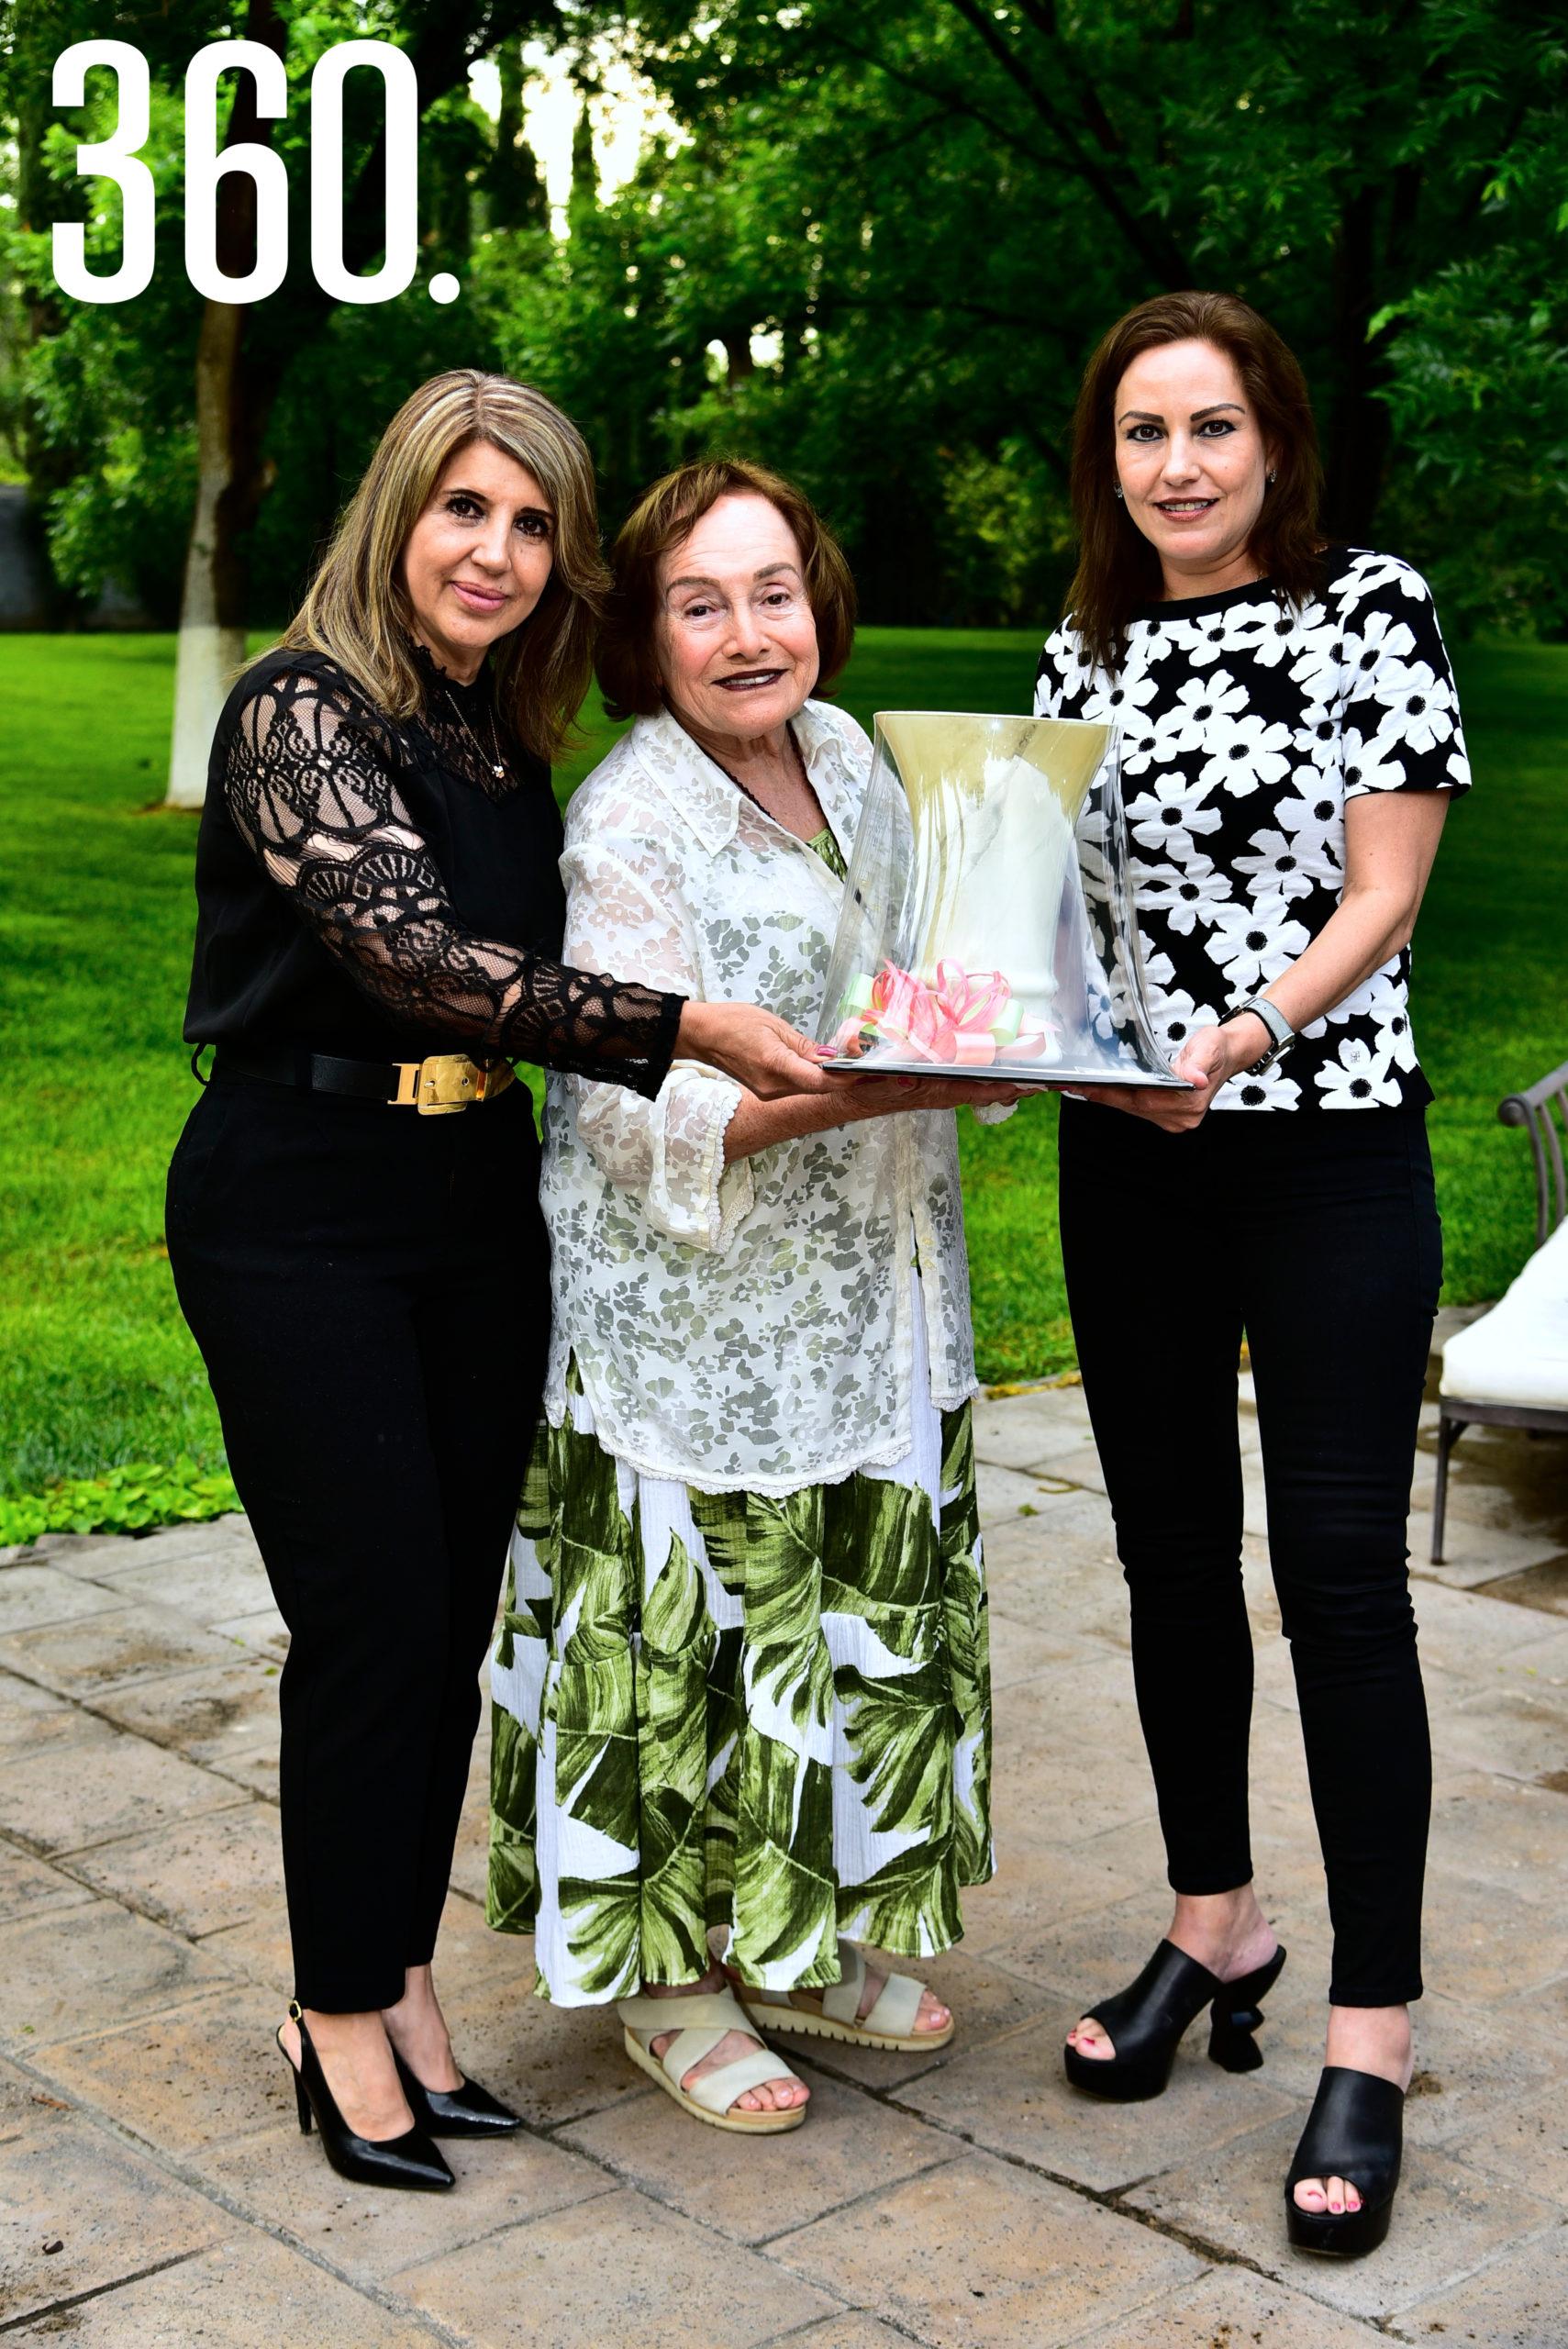 Griselda Valdés y Katia Talamás entregando un regalo a Felisa Fausti de Guerra, una de las socias fundadoras del club Azalea.